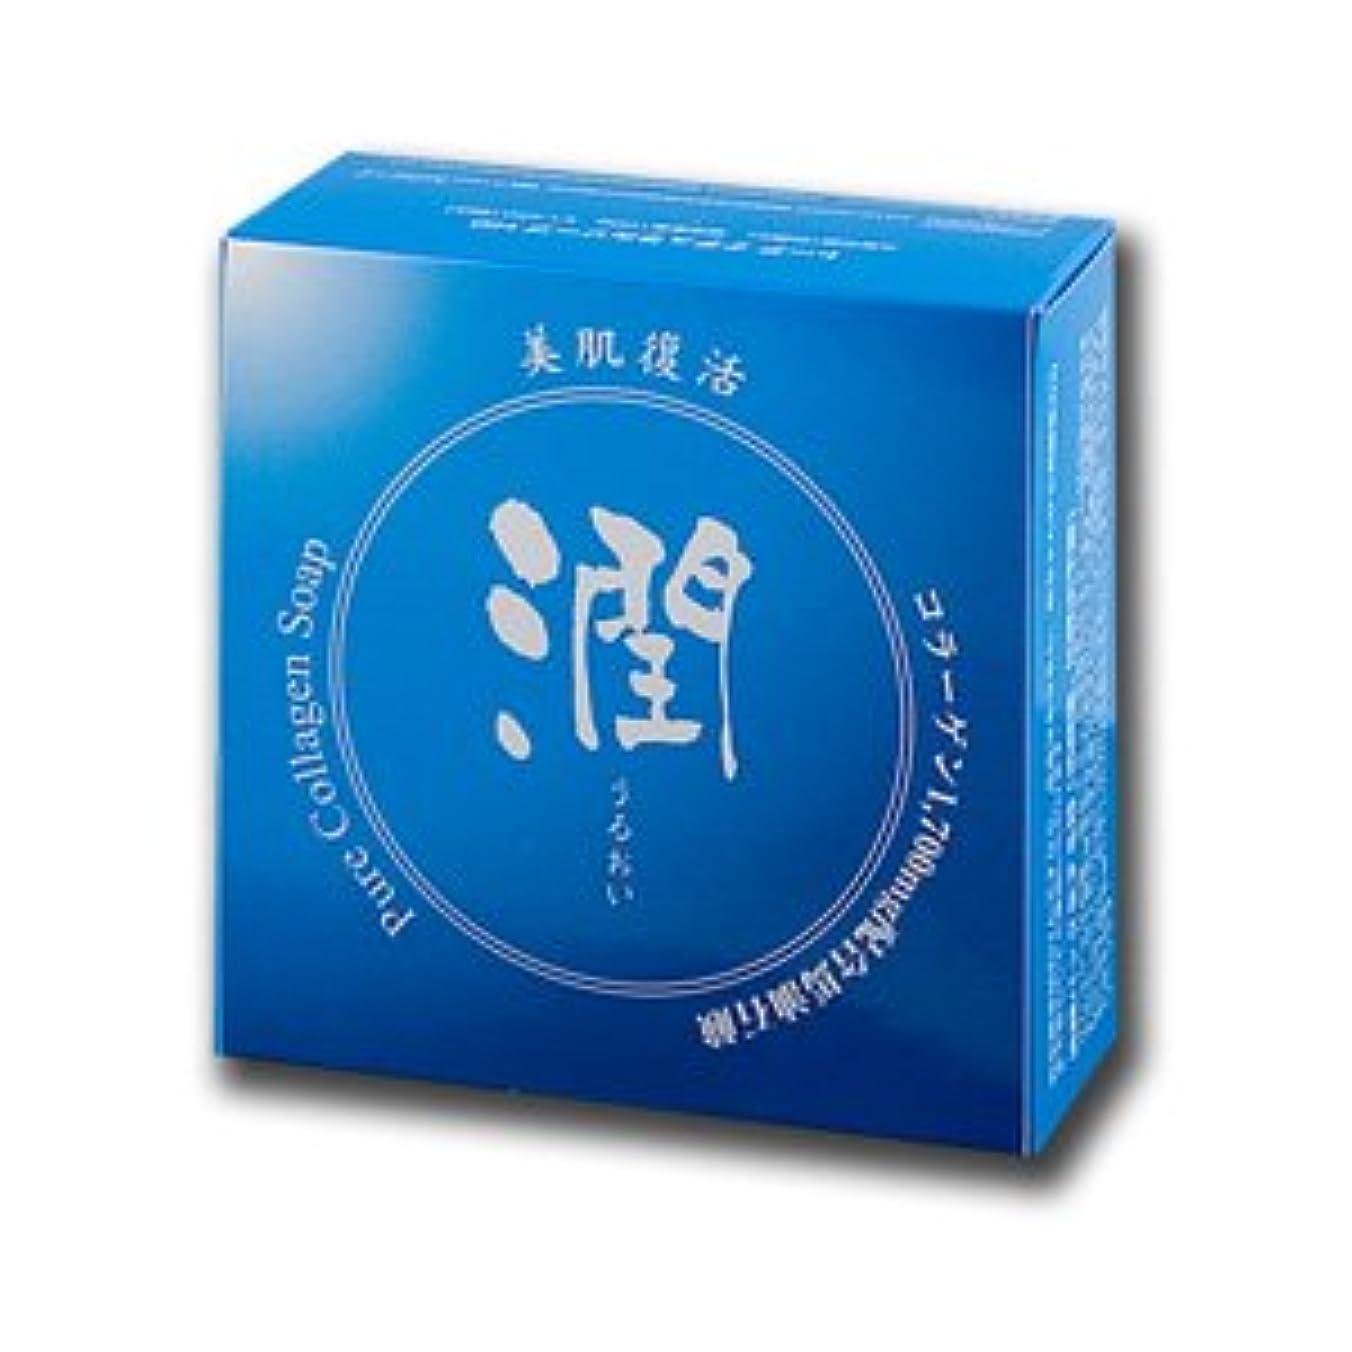 クラシックリングバック決定的コラーゲン馬油石鹸 潤 100g (#800410) ×5個セット